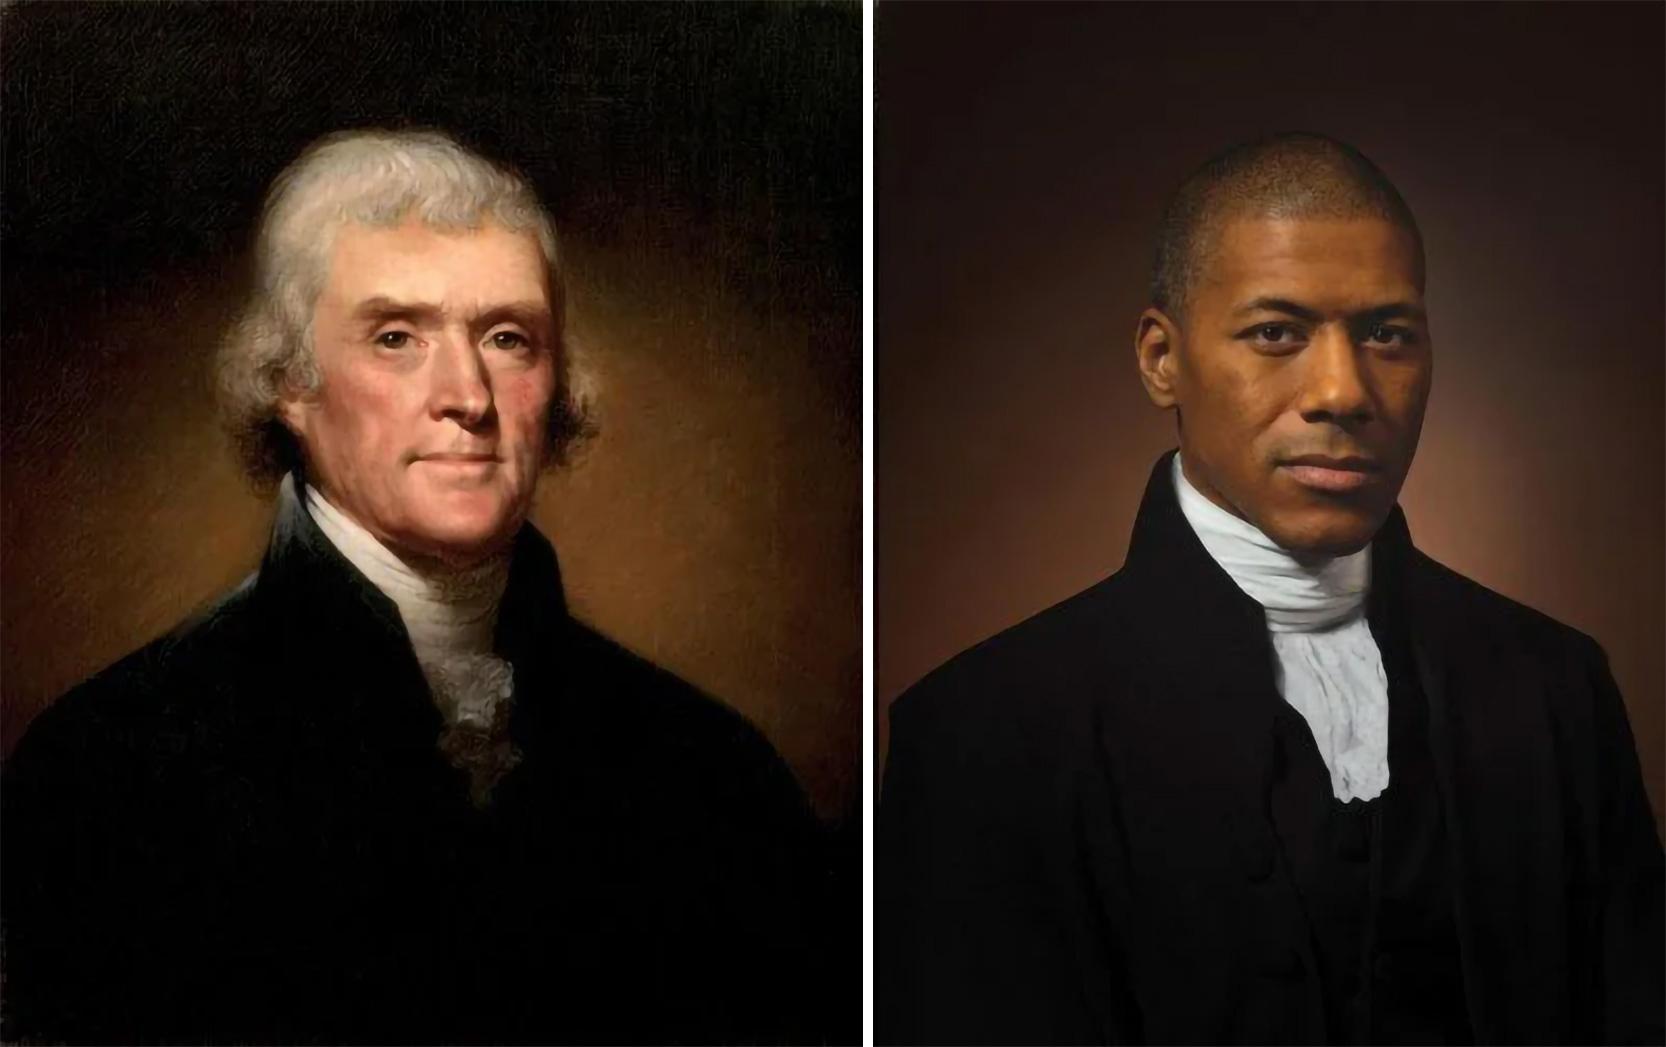 Томас Джефферсон, третий президент США, и его внук в шестом поколении, актер Шэннон Ланье